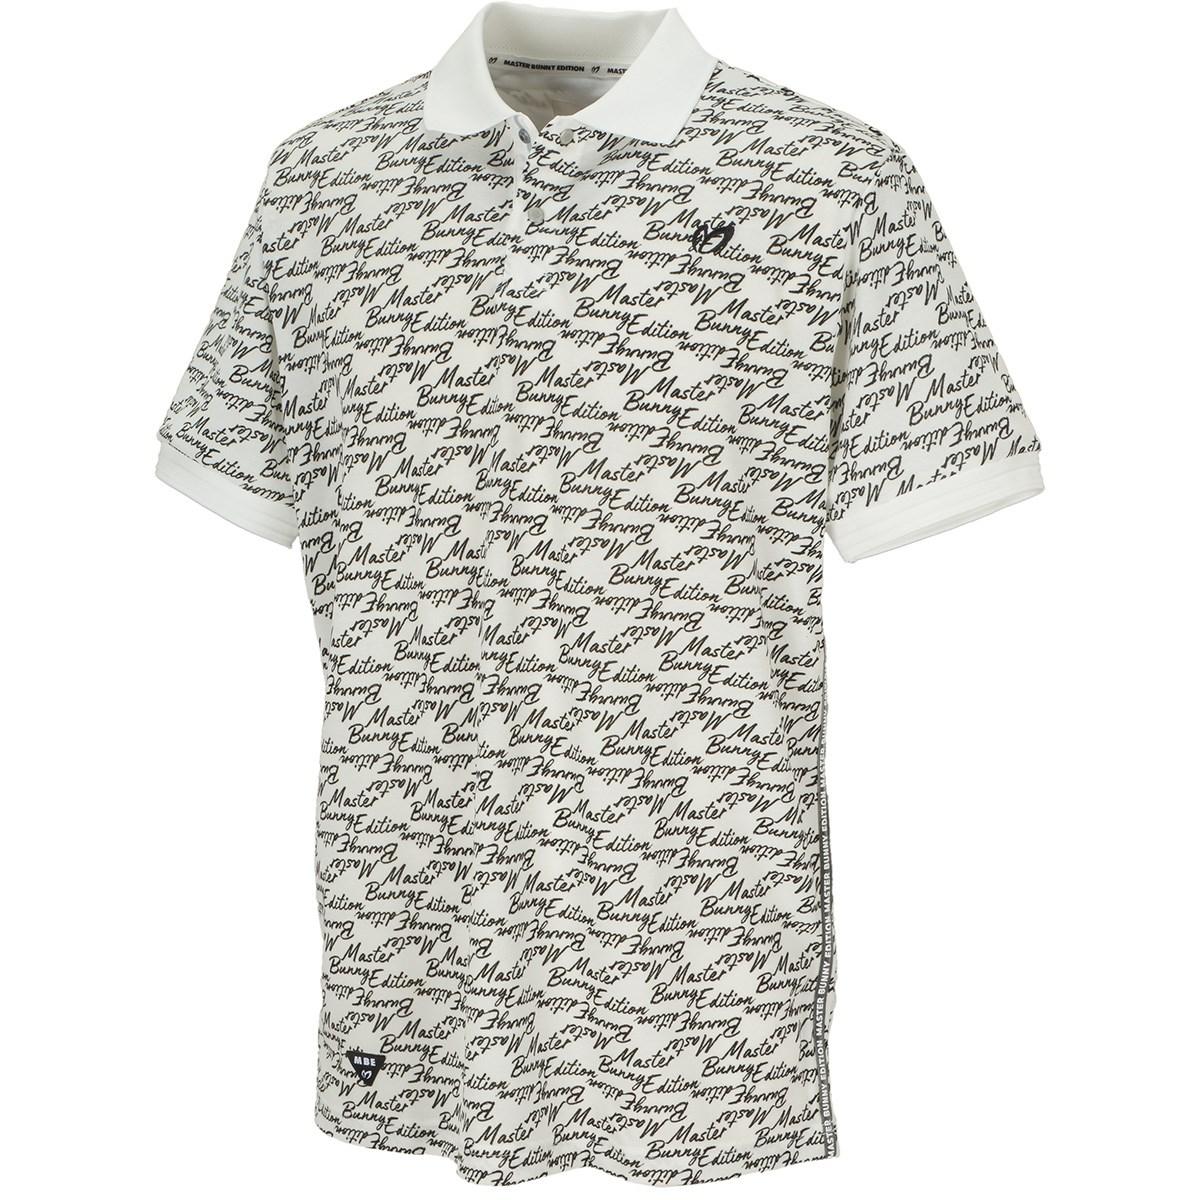 マスターバニーエディション 筆記体ロゴプリント エコペットTF×Eフィラメント鹿の子半袖ポロシャツ